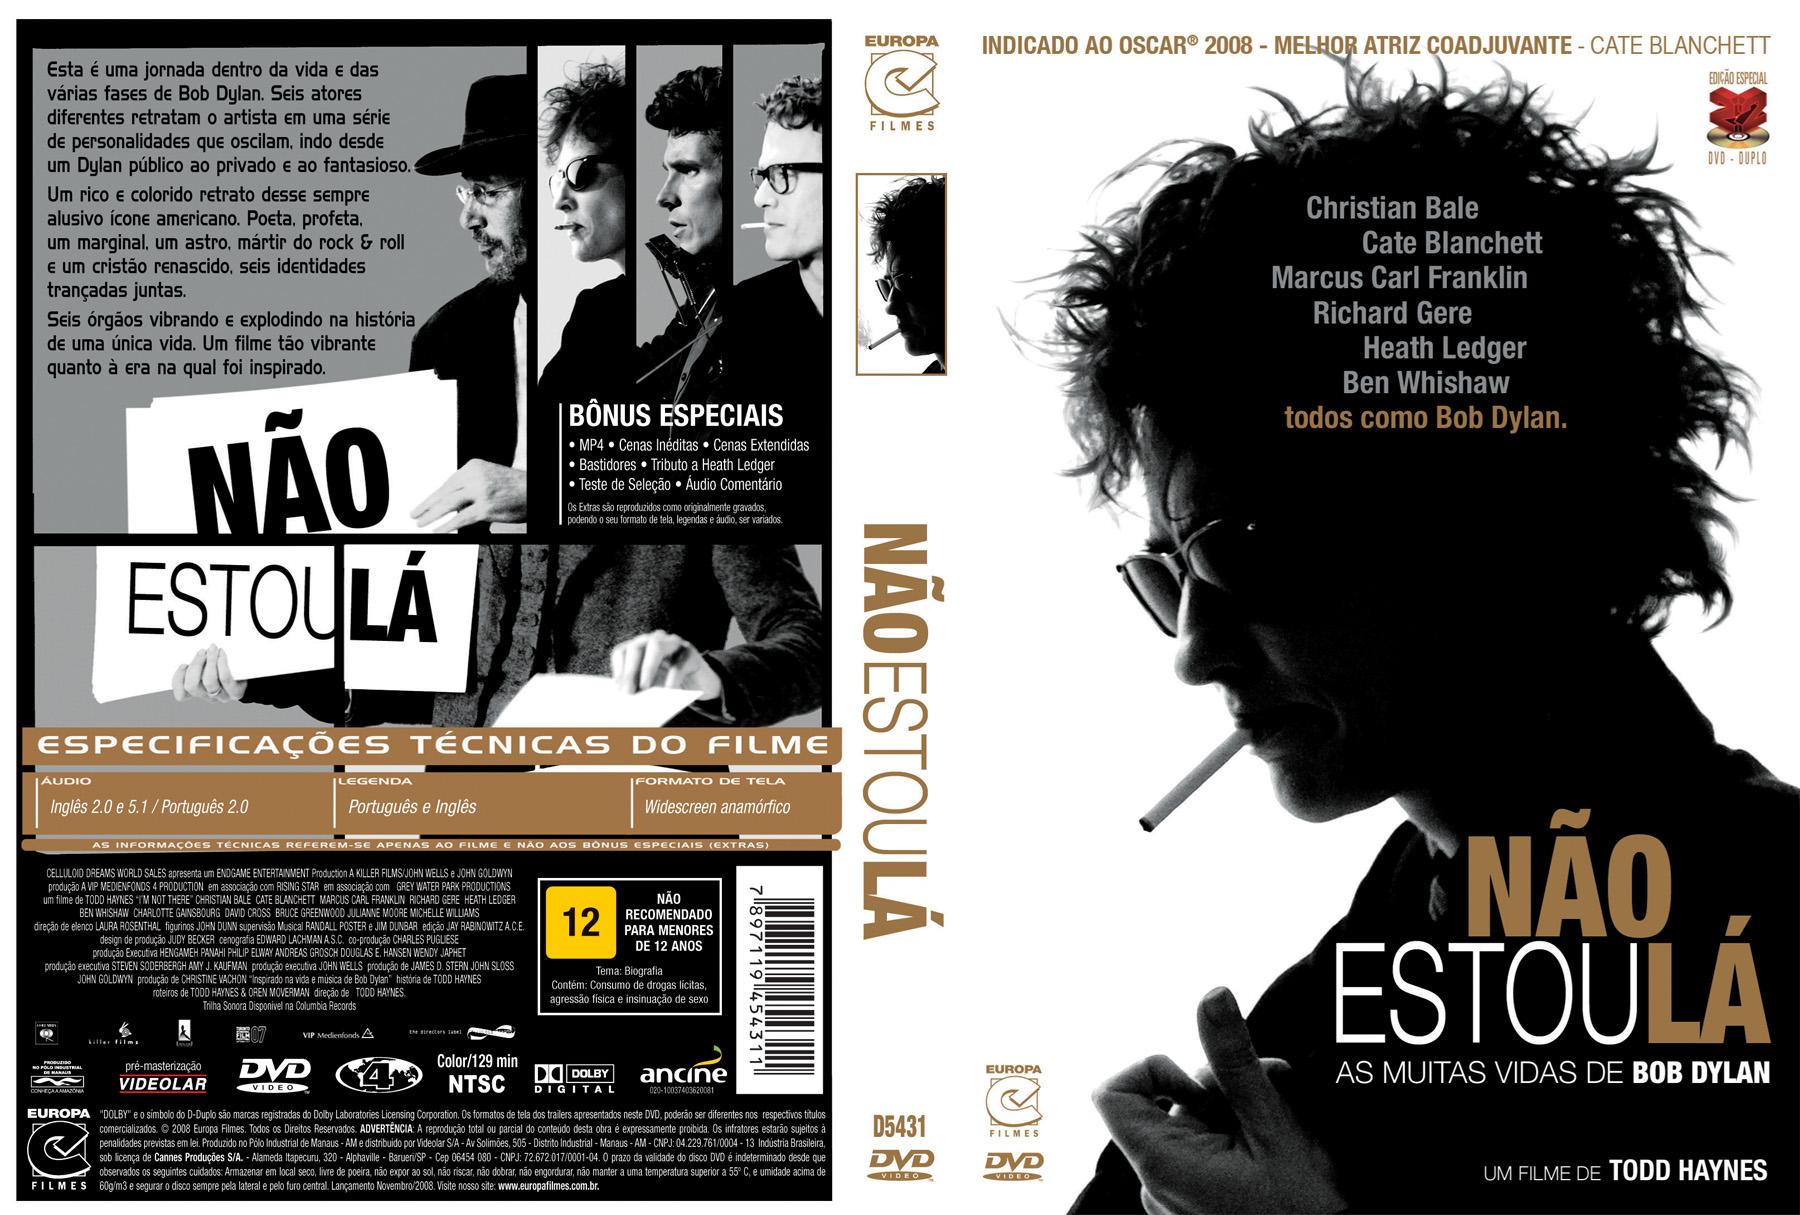 DVD Nao Estou La